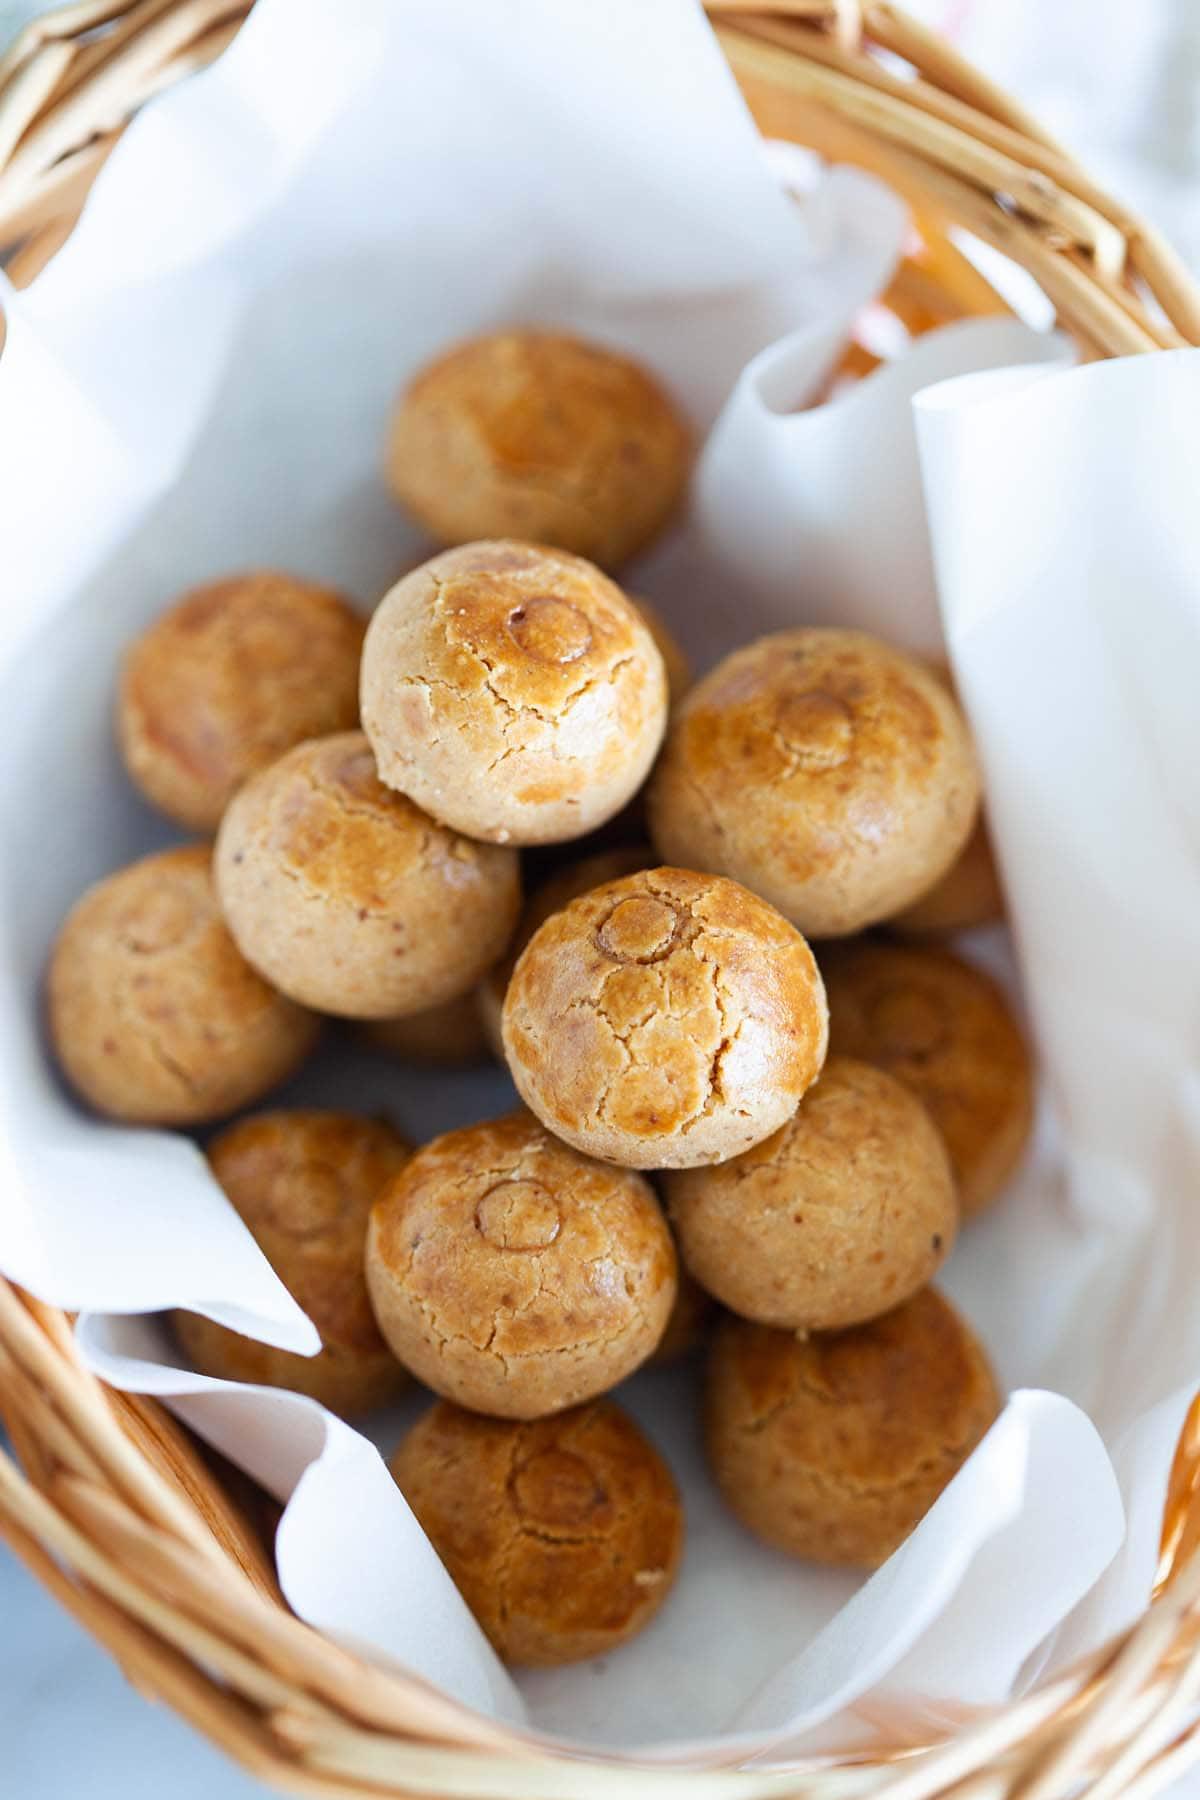 Biscuits aux arachides dans un panier.